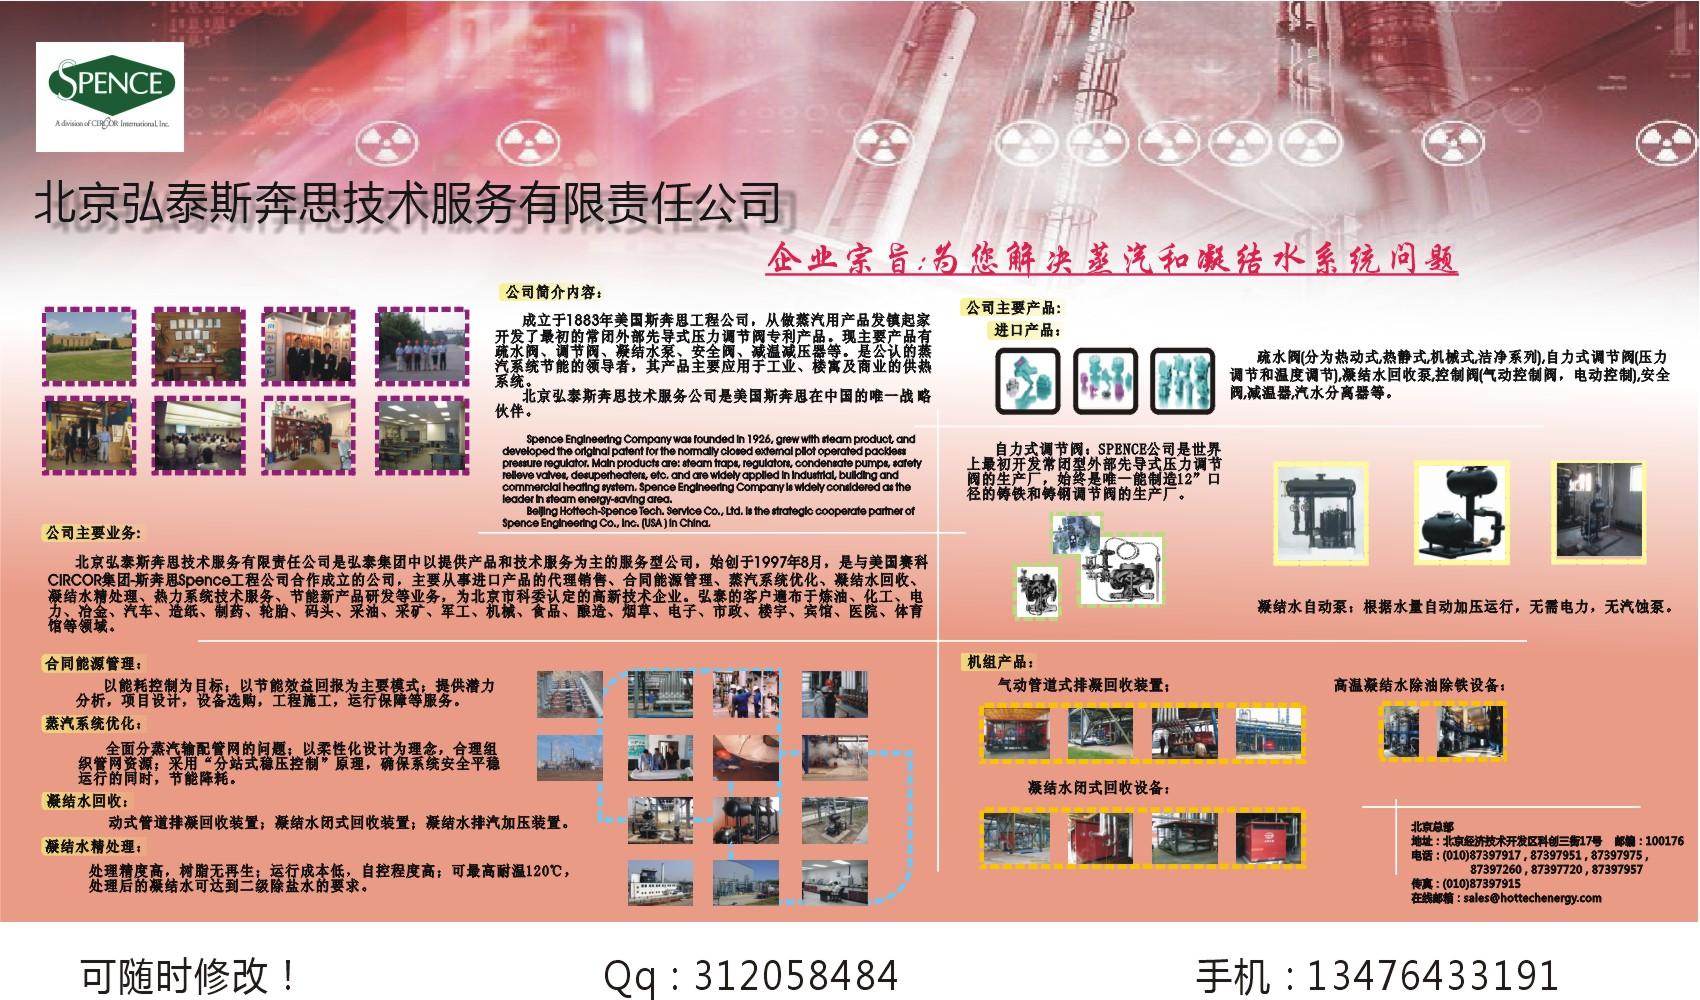 工业类节能展会展板平面设计_1886090_k68威客网